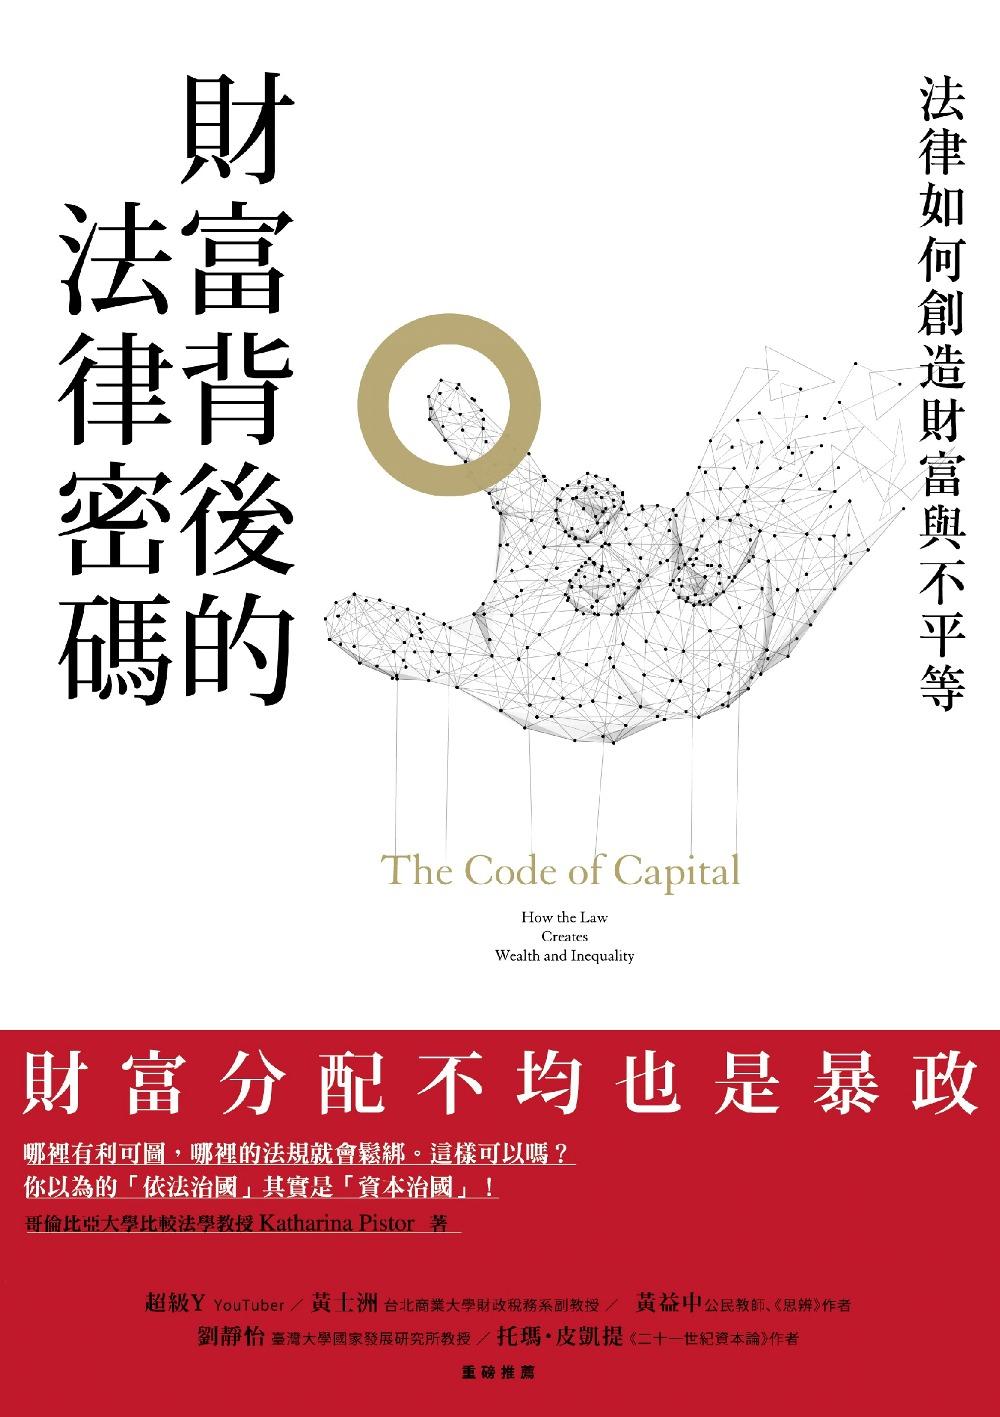 財富背後的法律密碼:法律如何創造財富與不平等 (電子書)